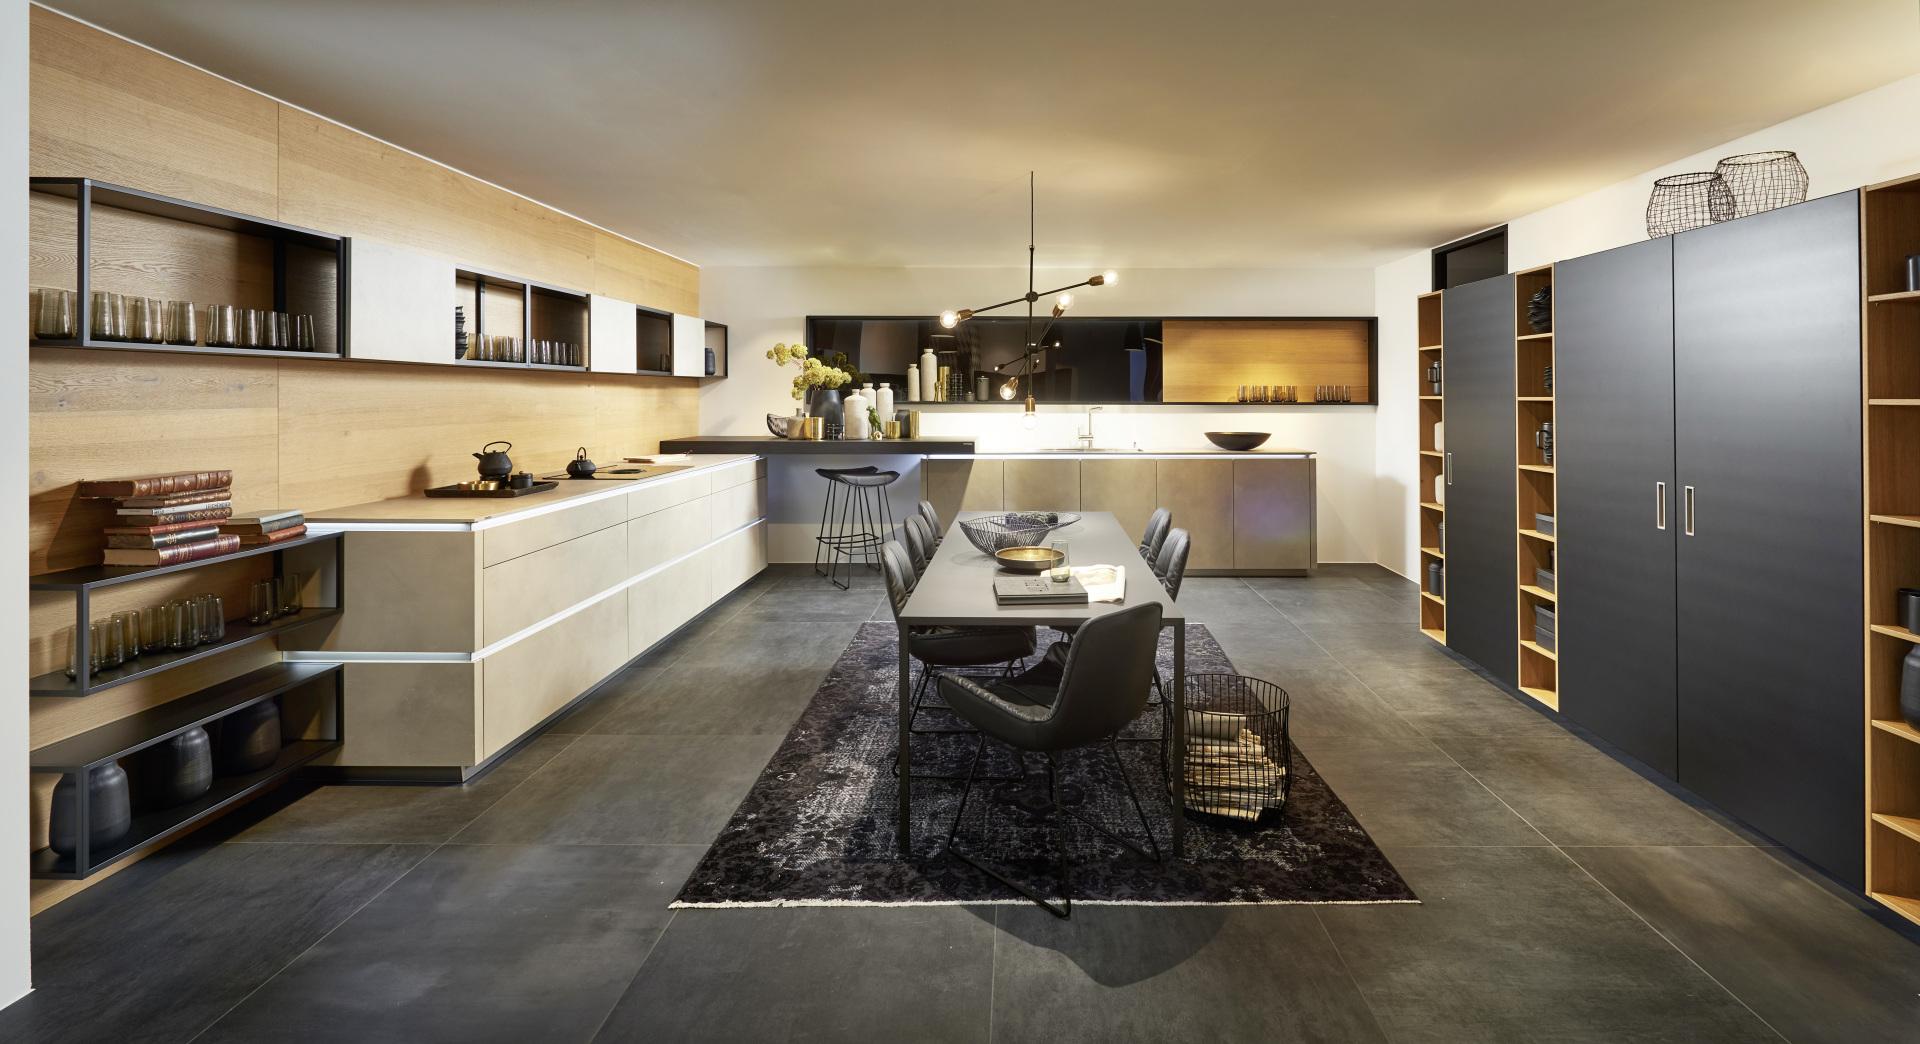 Kuchnia z cementowymi frontami, czarne matowe szafy